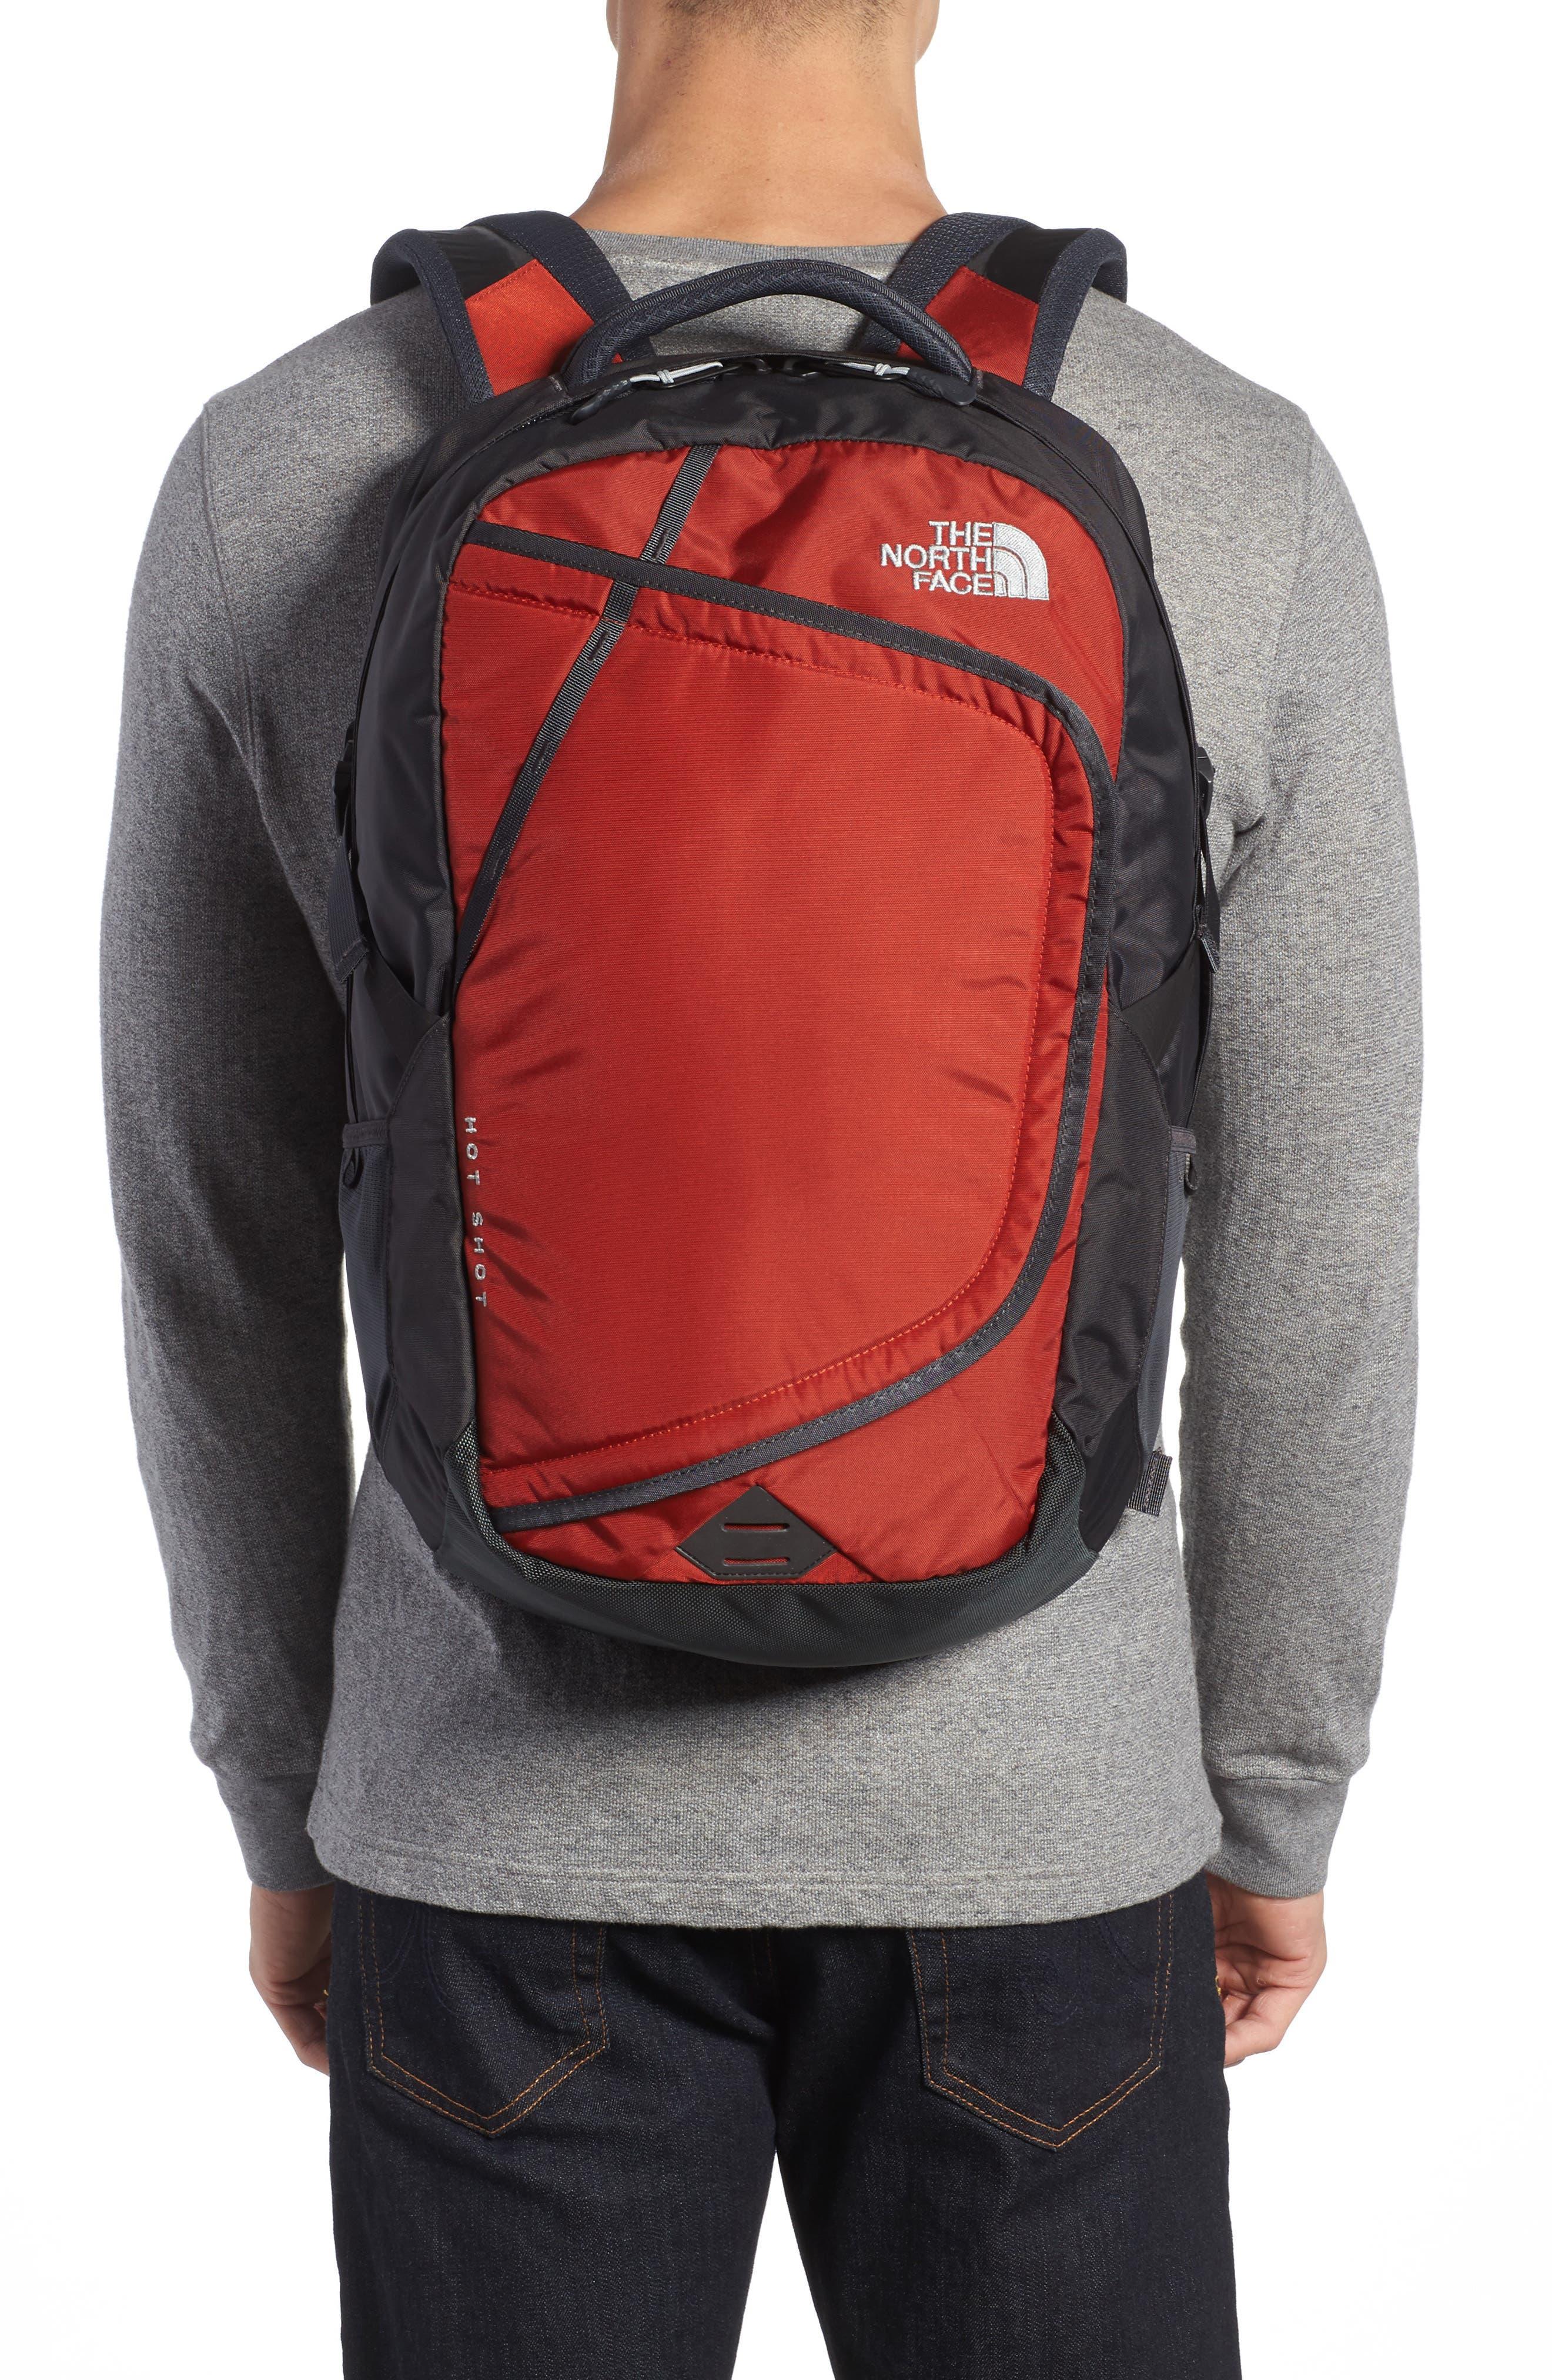 Hot Shot Backpack,                             Alternate thumbnail 2, color,                             Ketchup Red/ Asphalt Grey